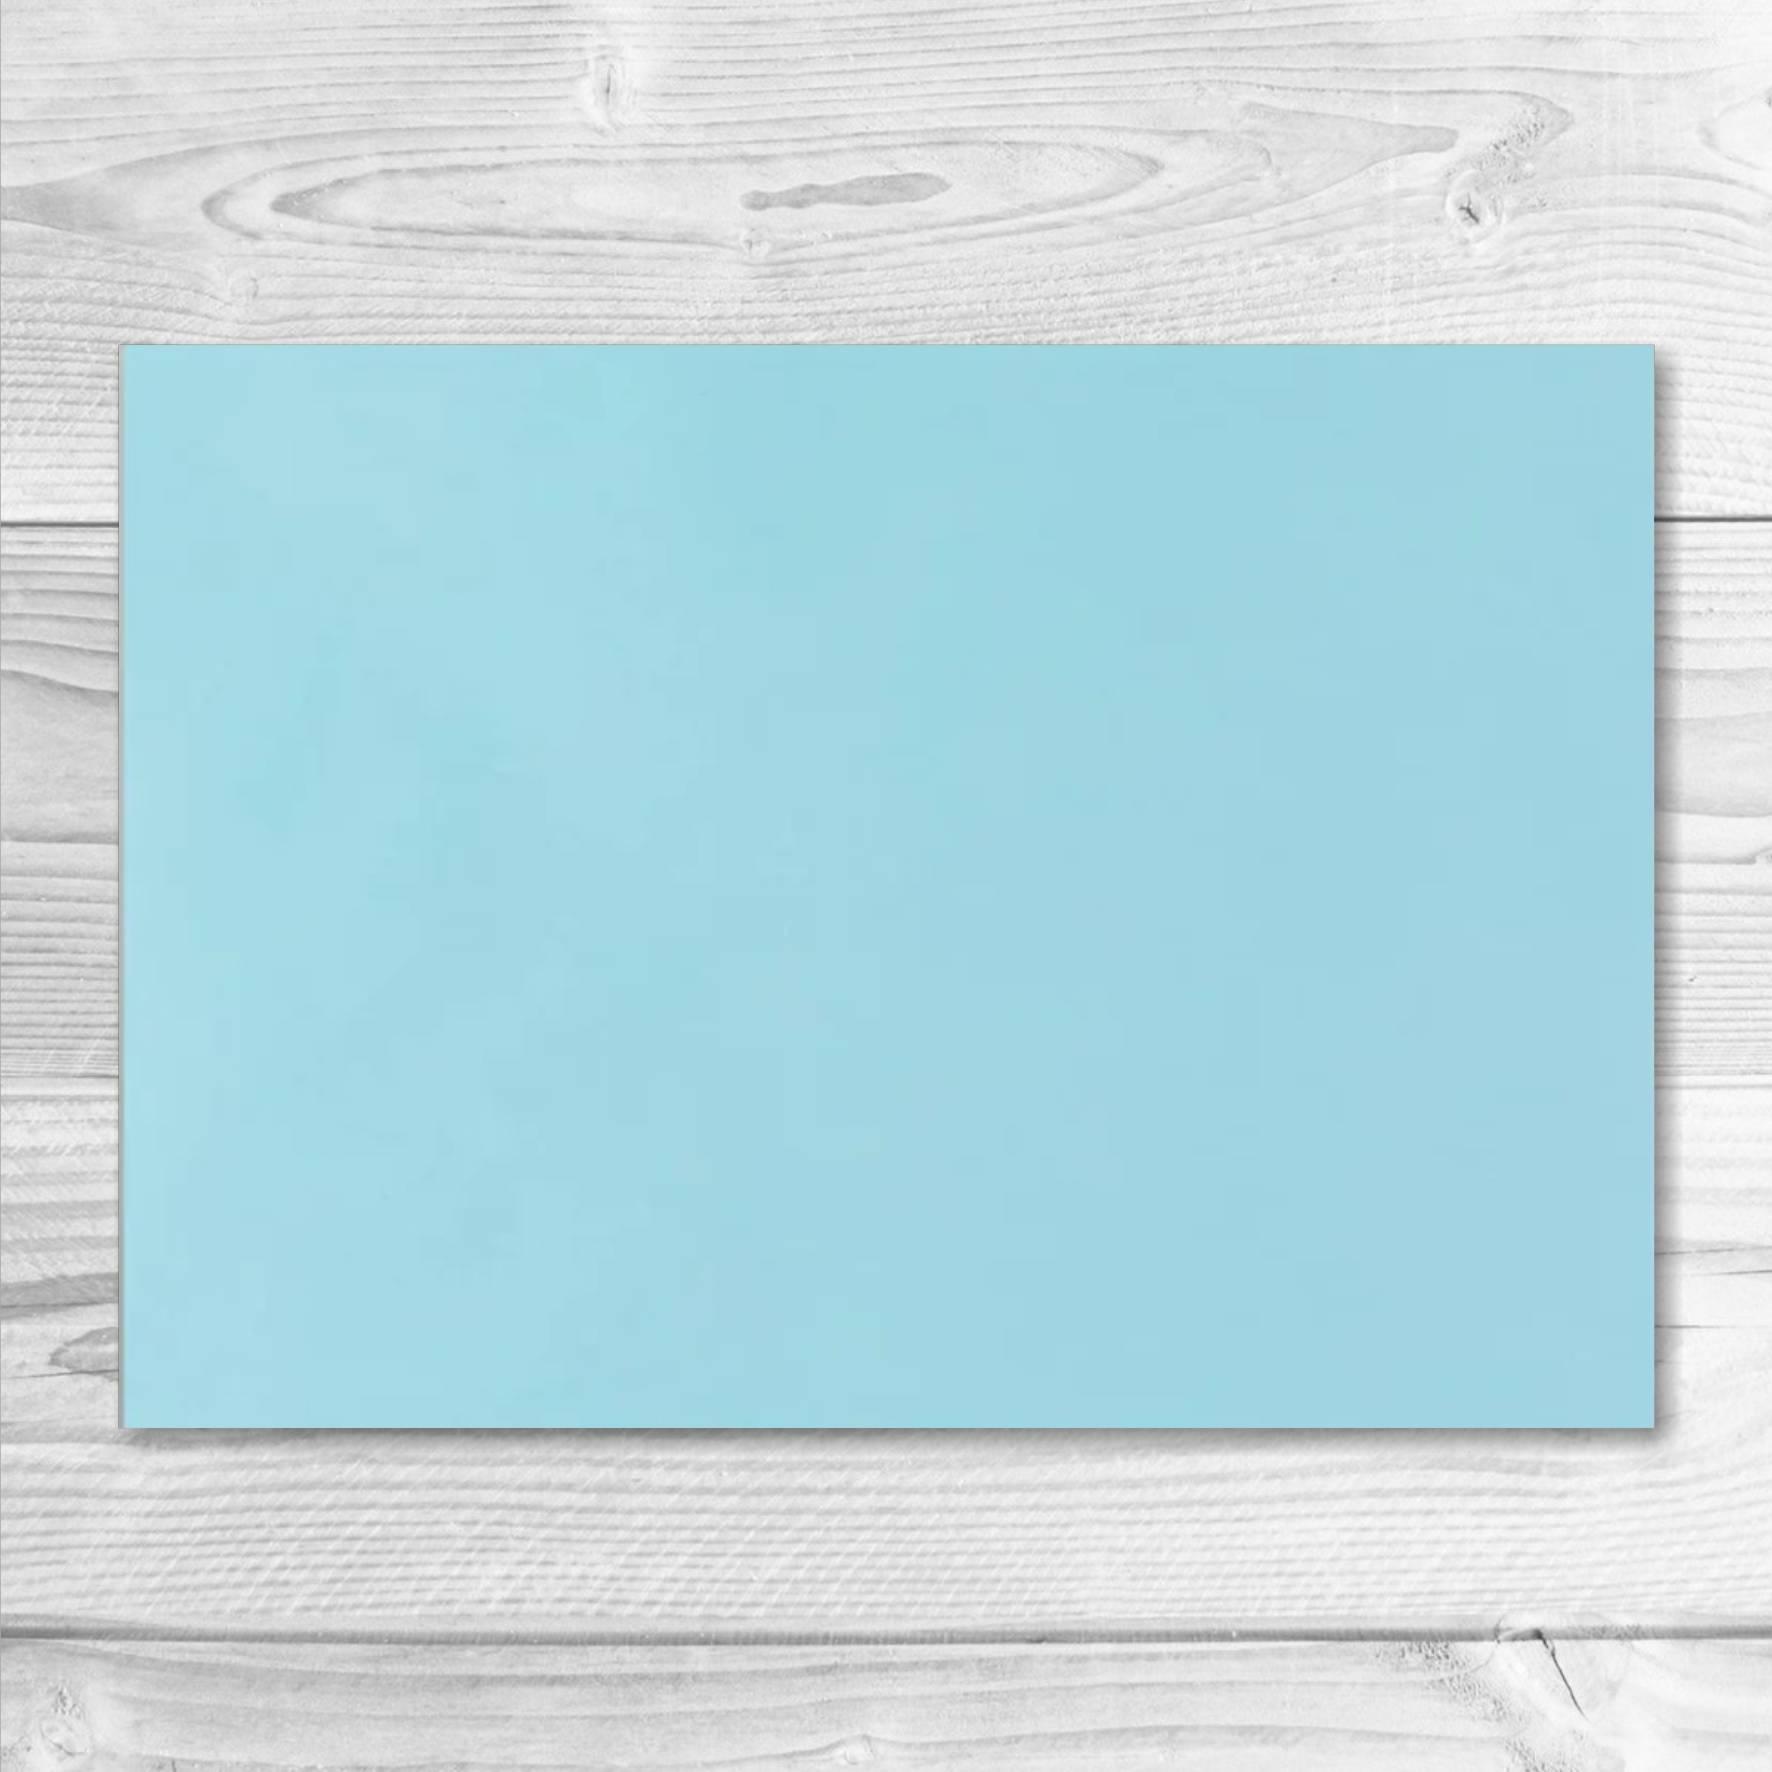 enveloppe bleu pâle 13 x 19 cm